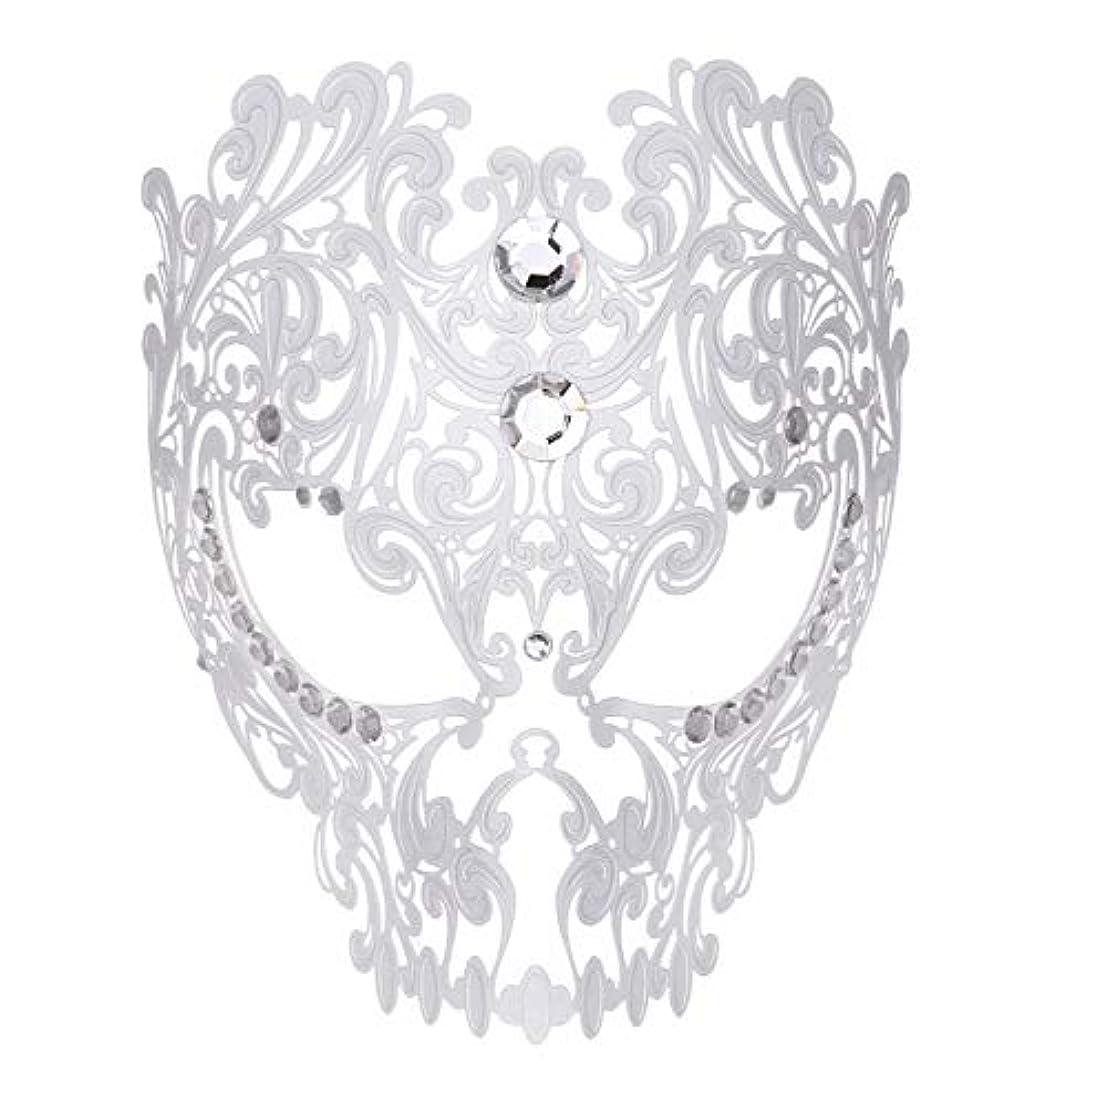 パラシュート浸す承知しましたダンスマスク フルフェイスエナメル金属象眼細工中空マスクナイトクラブパーティーロールプレイングマスカレードマスク ホリデーパーティー用品 (色 : 白, サイズ : Universal)